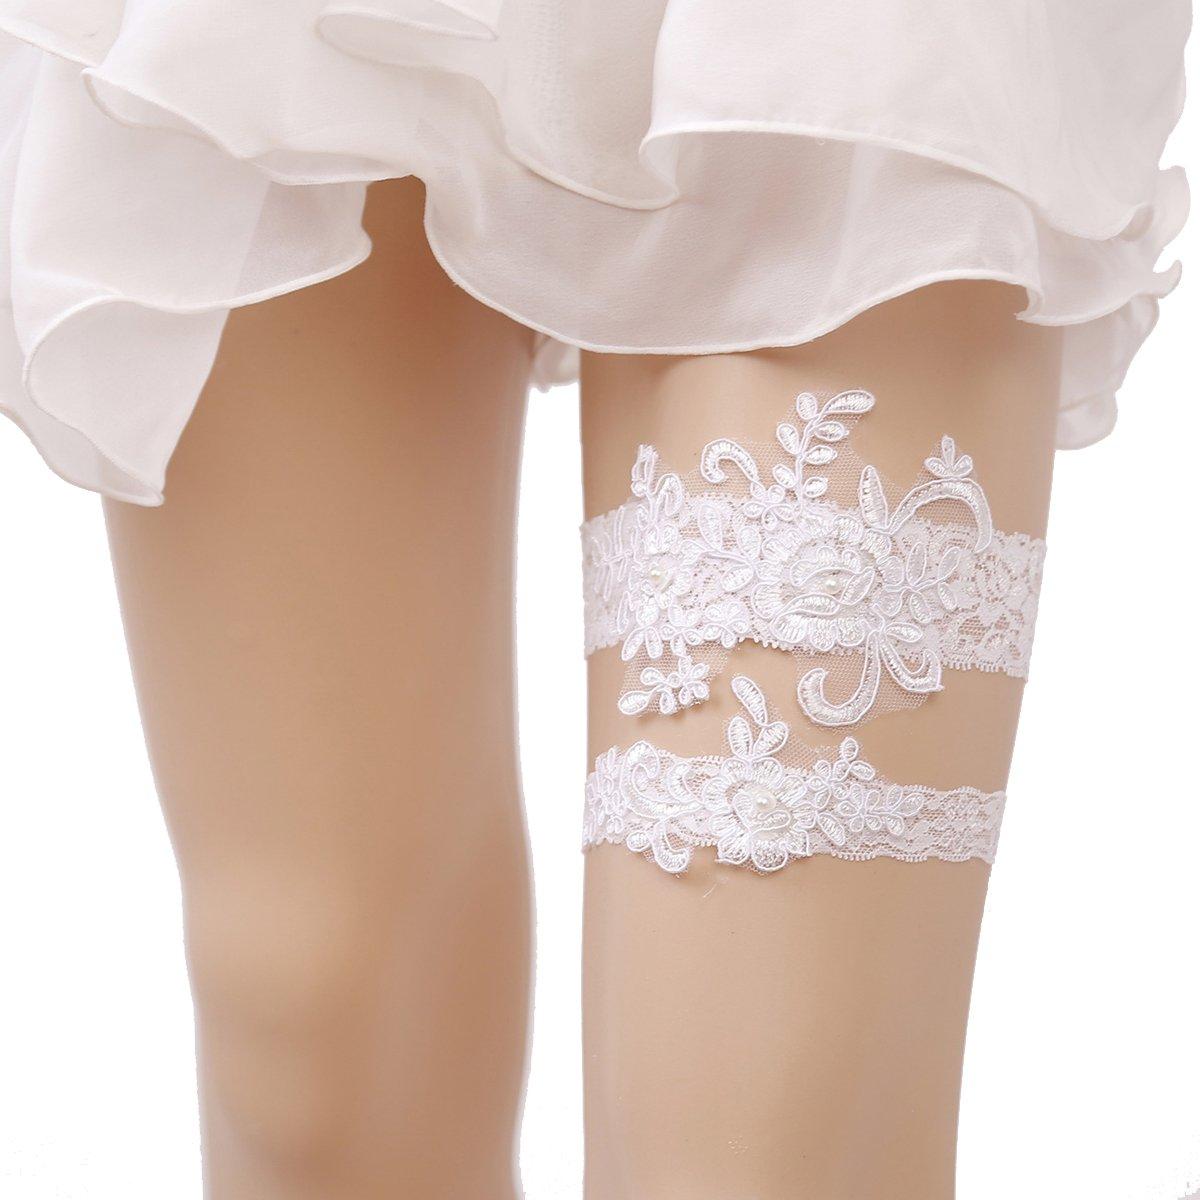 OURIZE Wedding Lace Garter for Bridal Rhinestones Garter Belt Set